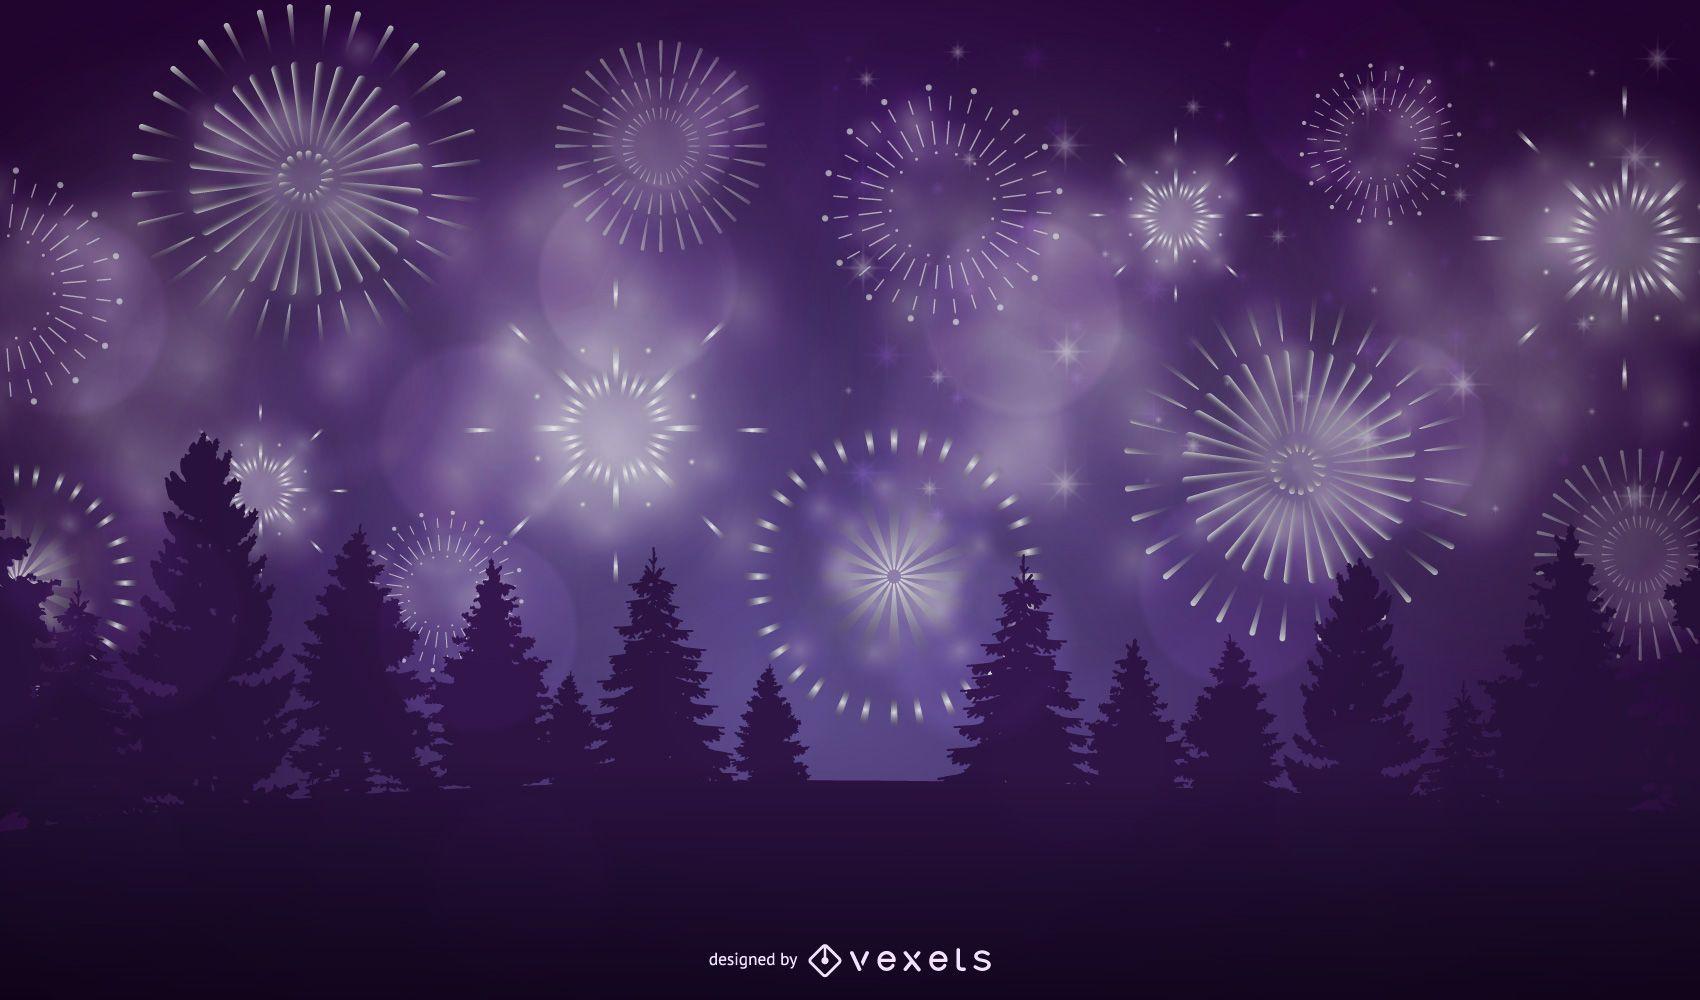 Fireworks forest illustration design